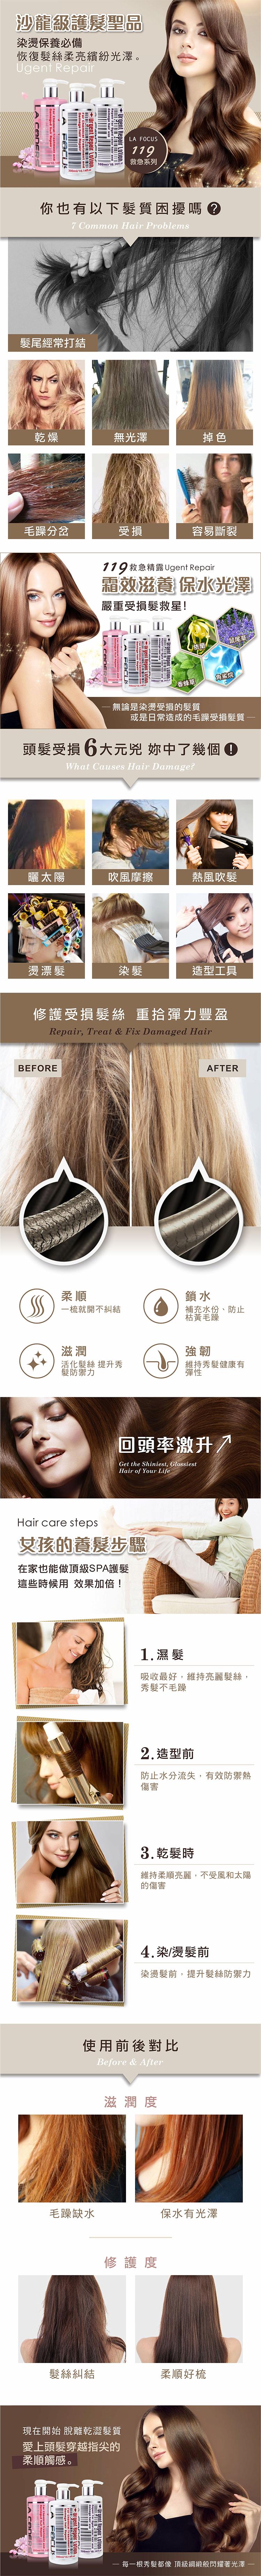 護髮素 髮膜 免洗 護髮乳 護髮素 護髮乳